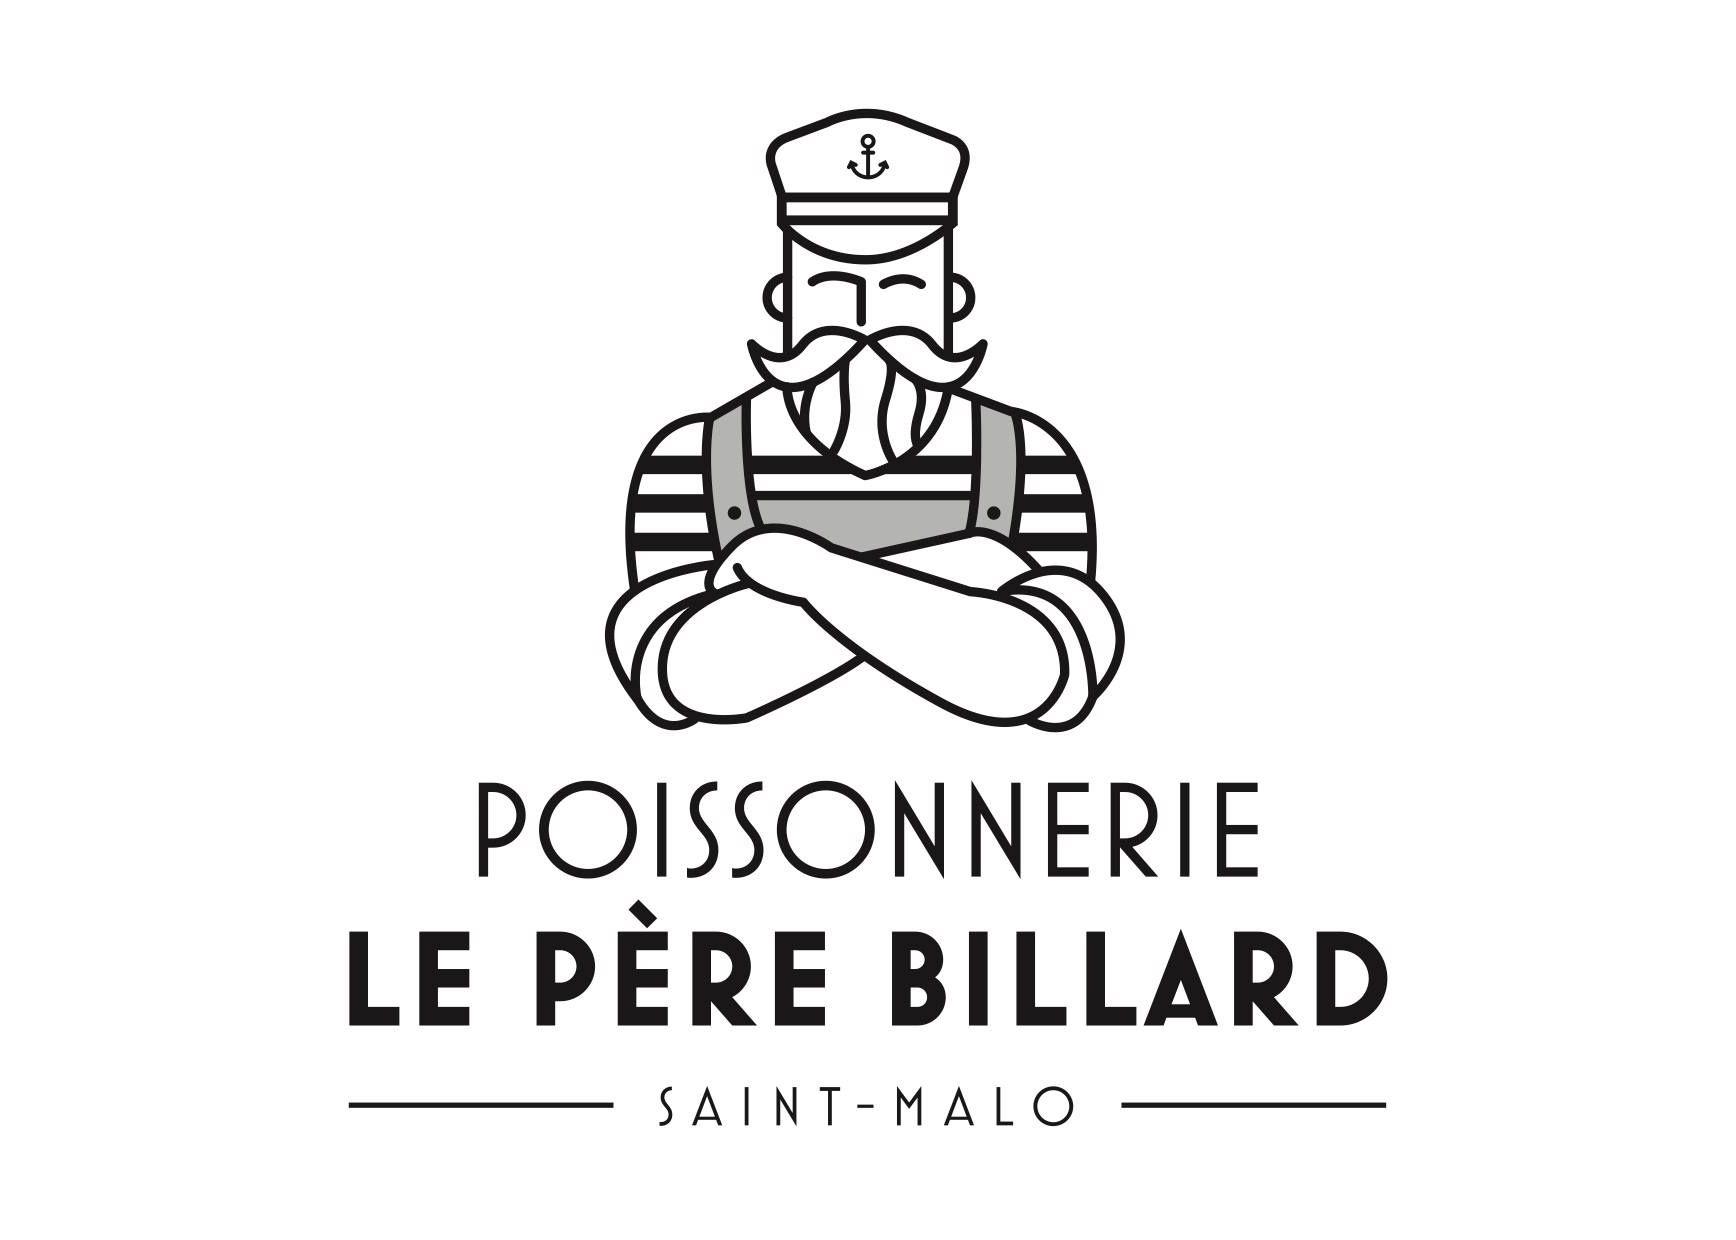 POISSONNERIE LE PÈRE BILLARD à Saint-Malo